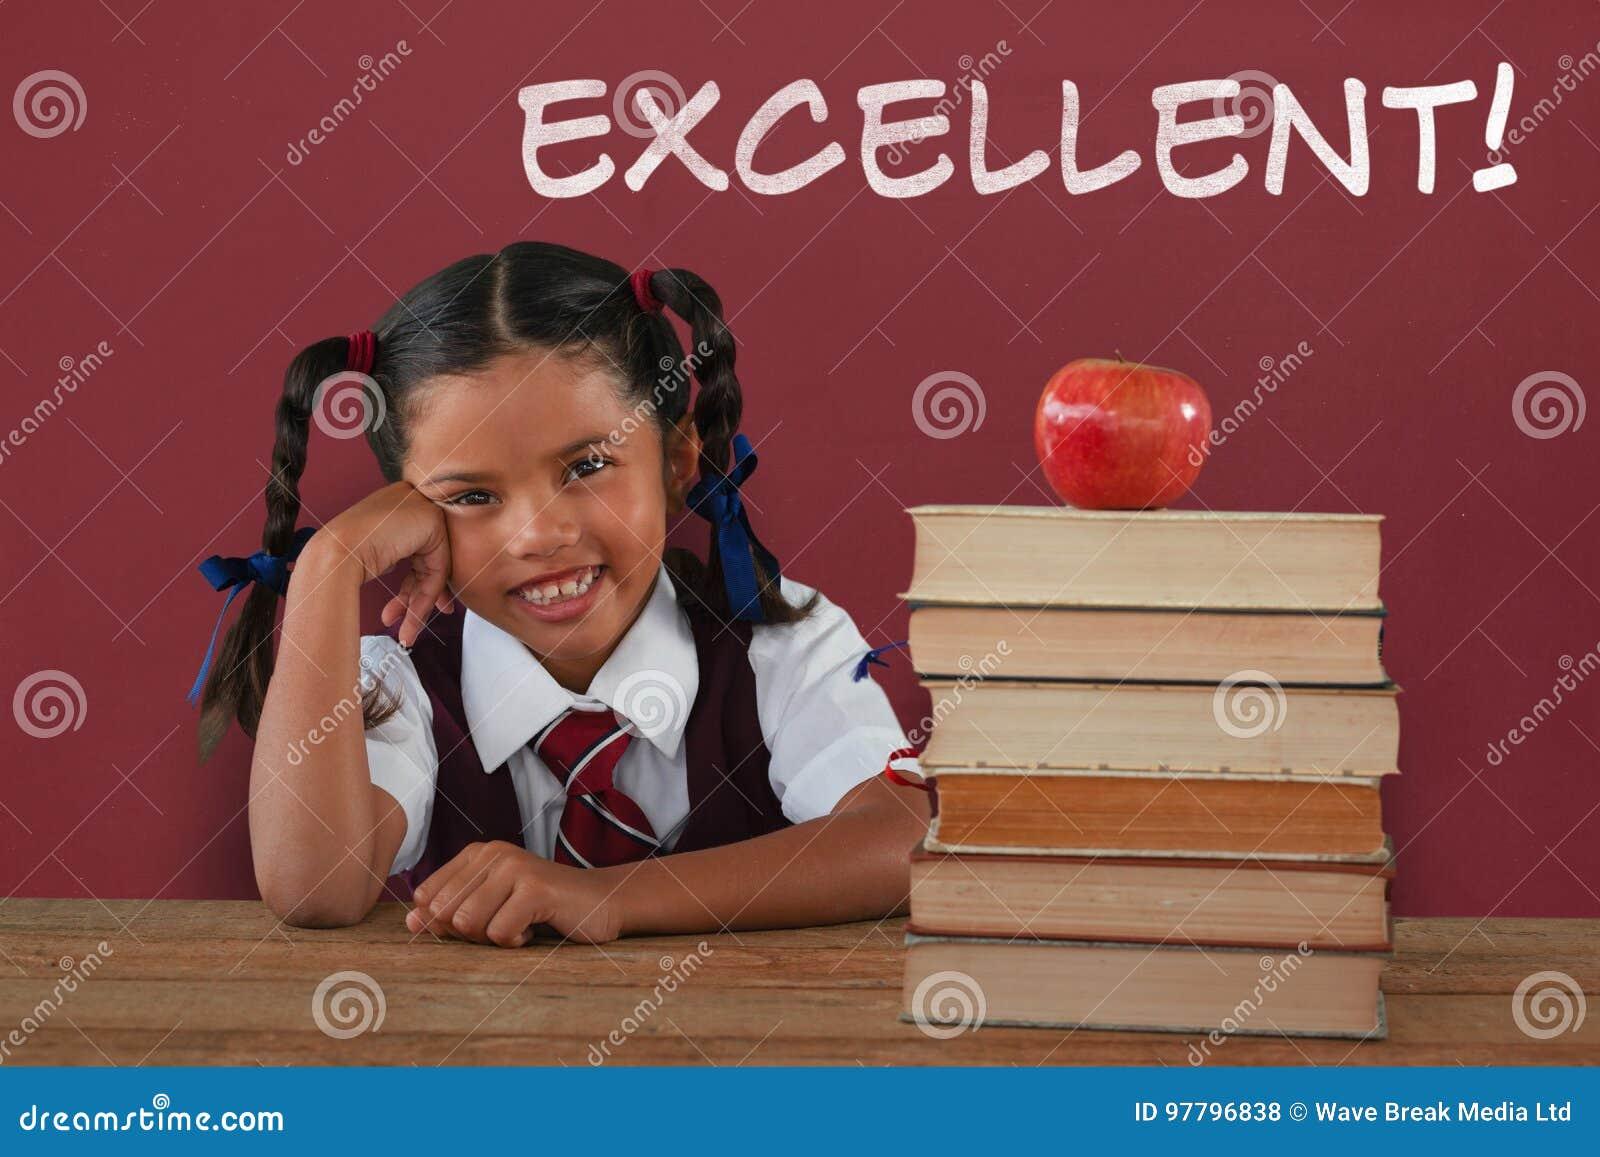 Zusammengesetztes Bild des Schulmädchens lehnend durch Bücher und Apfel auf Schreibtisch